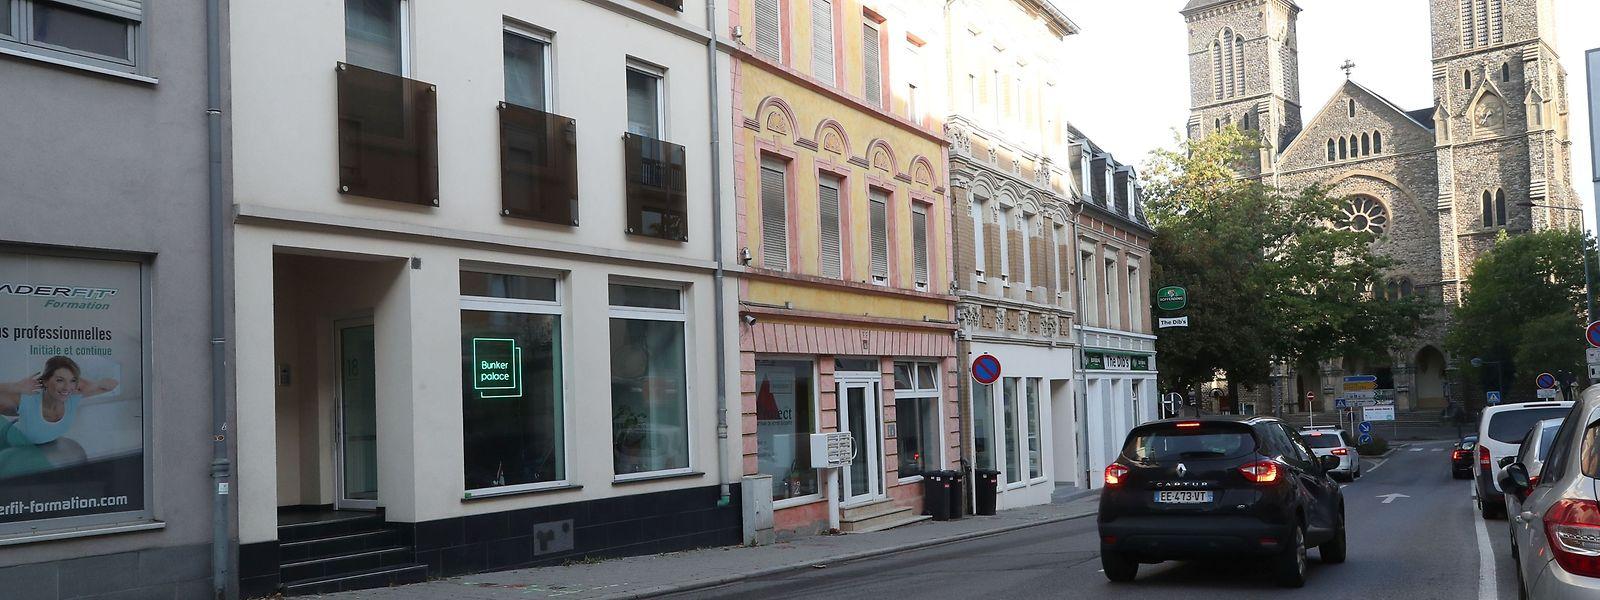 Am Montag sollen die Baumaschinen in der Rue du Commerce anrücken.